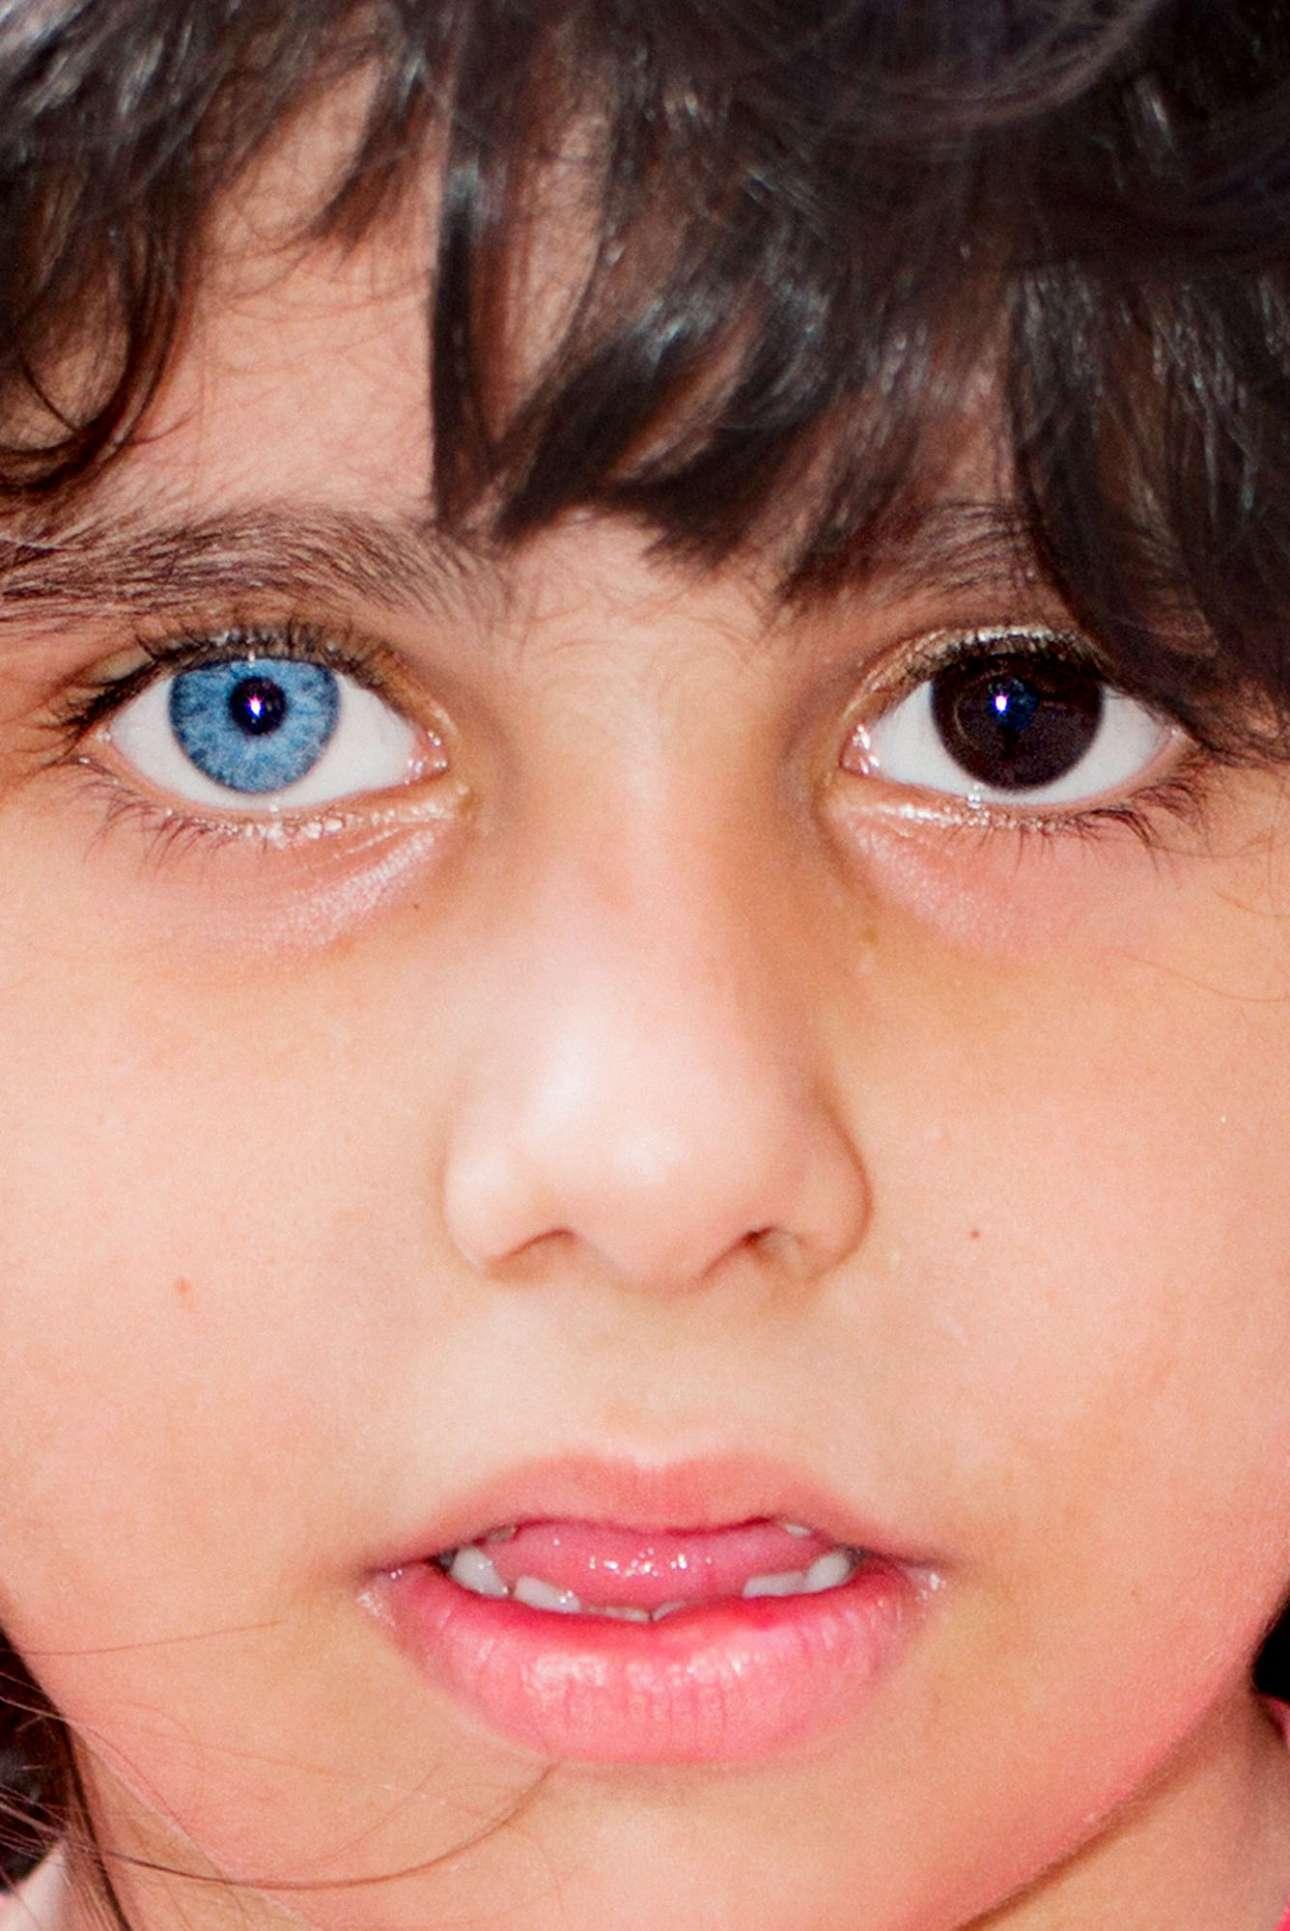 Προσφυγόπουλο από τη Συρία στο Ταρλάμπασι της Τουρκίας. Το κοριτσάκι έχασε και τους δύο γονείς του στον πόλεμο και υιοθετήθηκε από οικογενειακούς φίλους, οι οποίο θεωρούν το διαφορετικό χρώμα των ματιών της «δώρο Θεού»